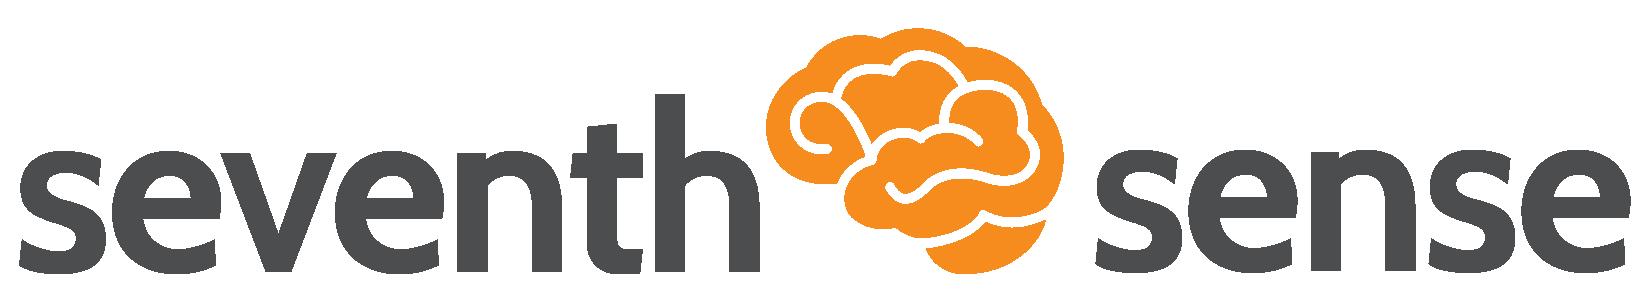 seventh-sense-logo Mar 2018.png